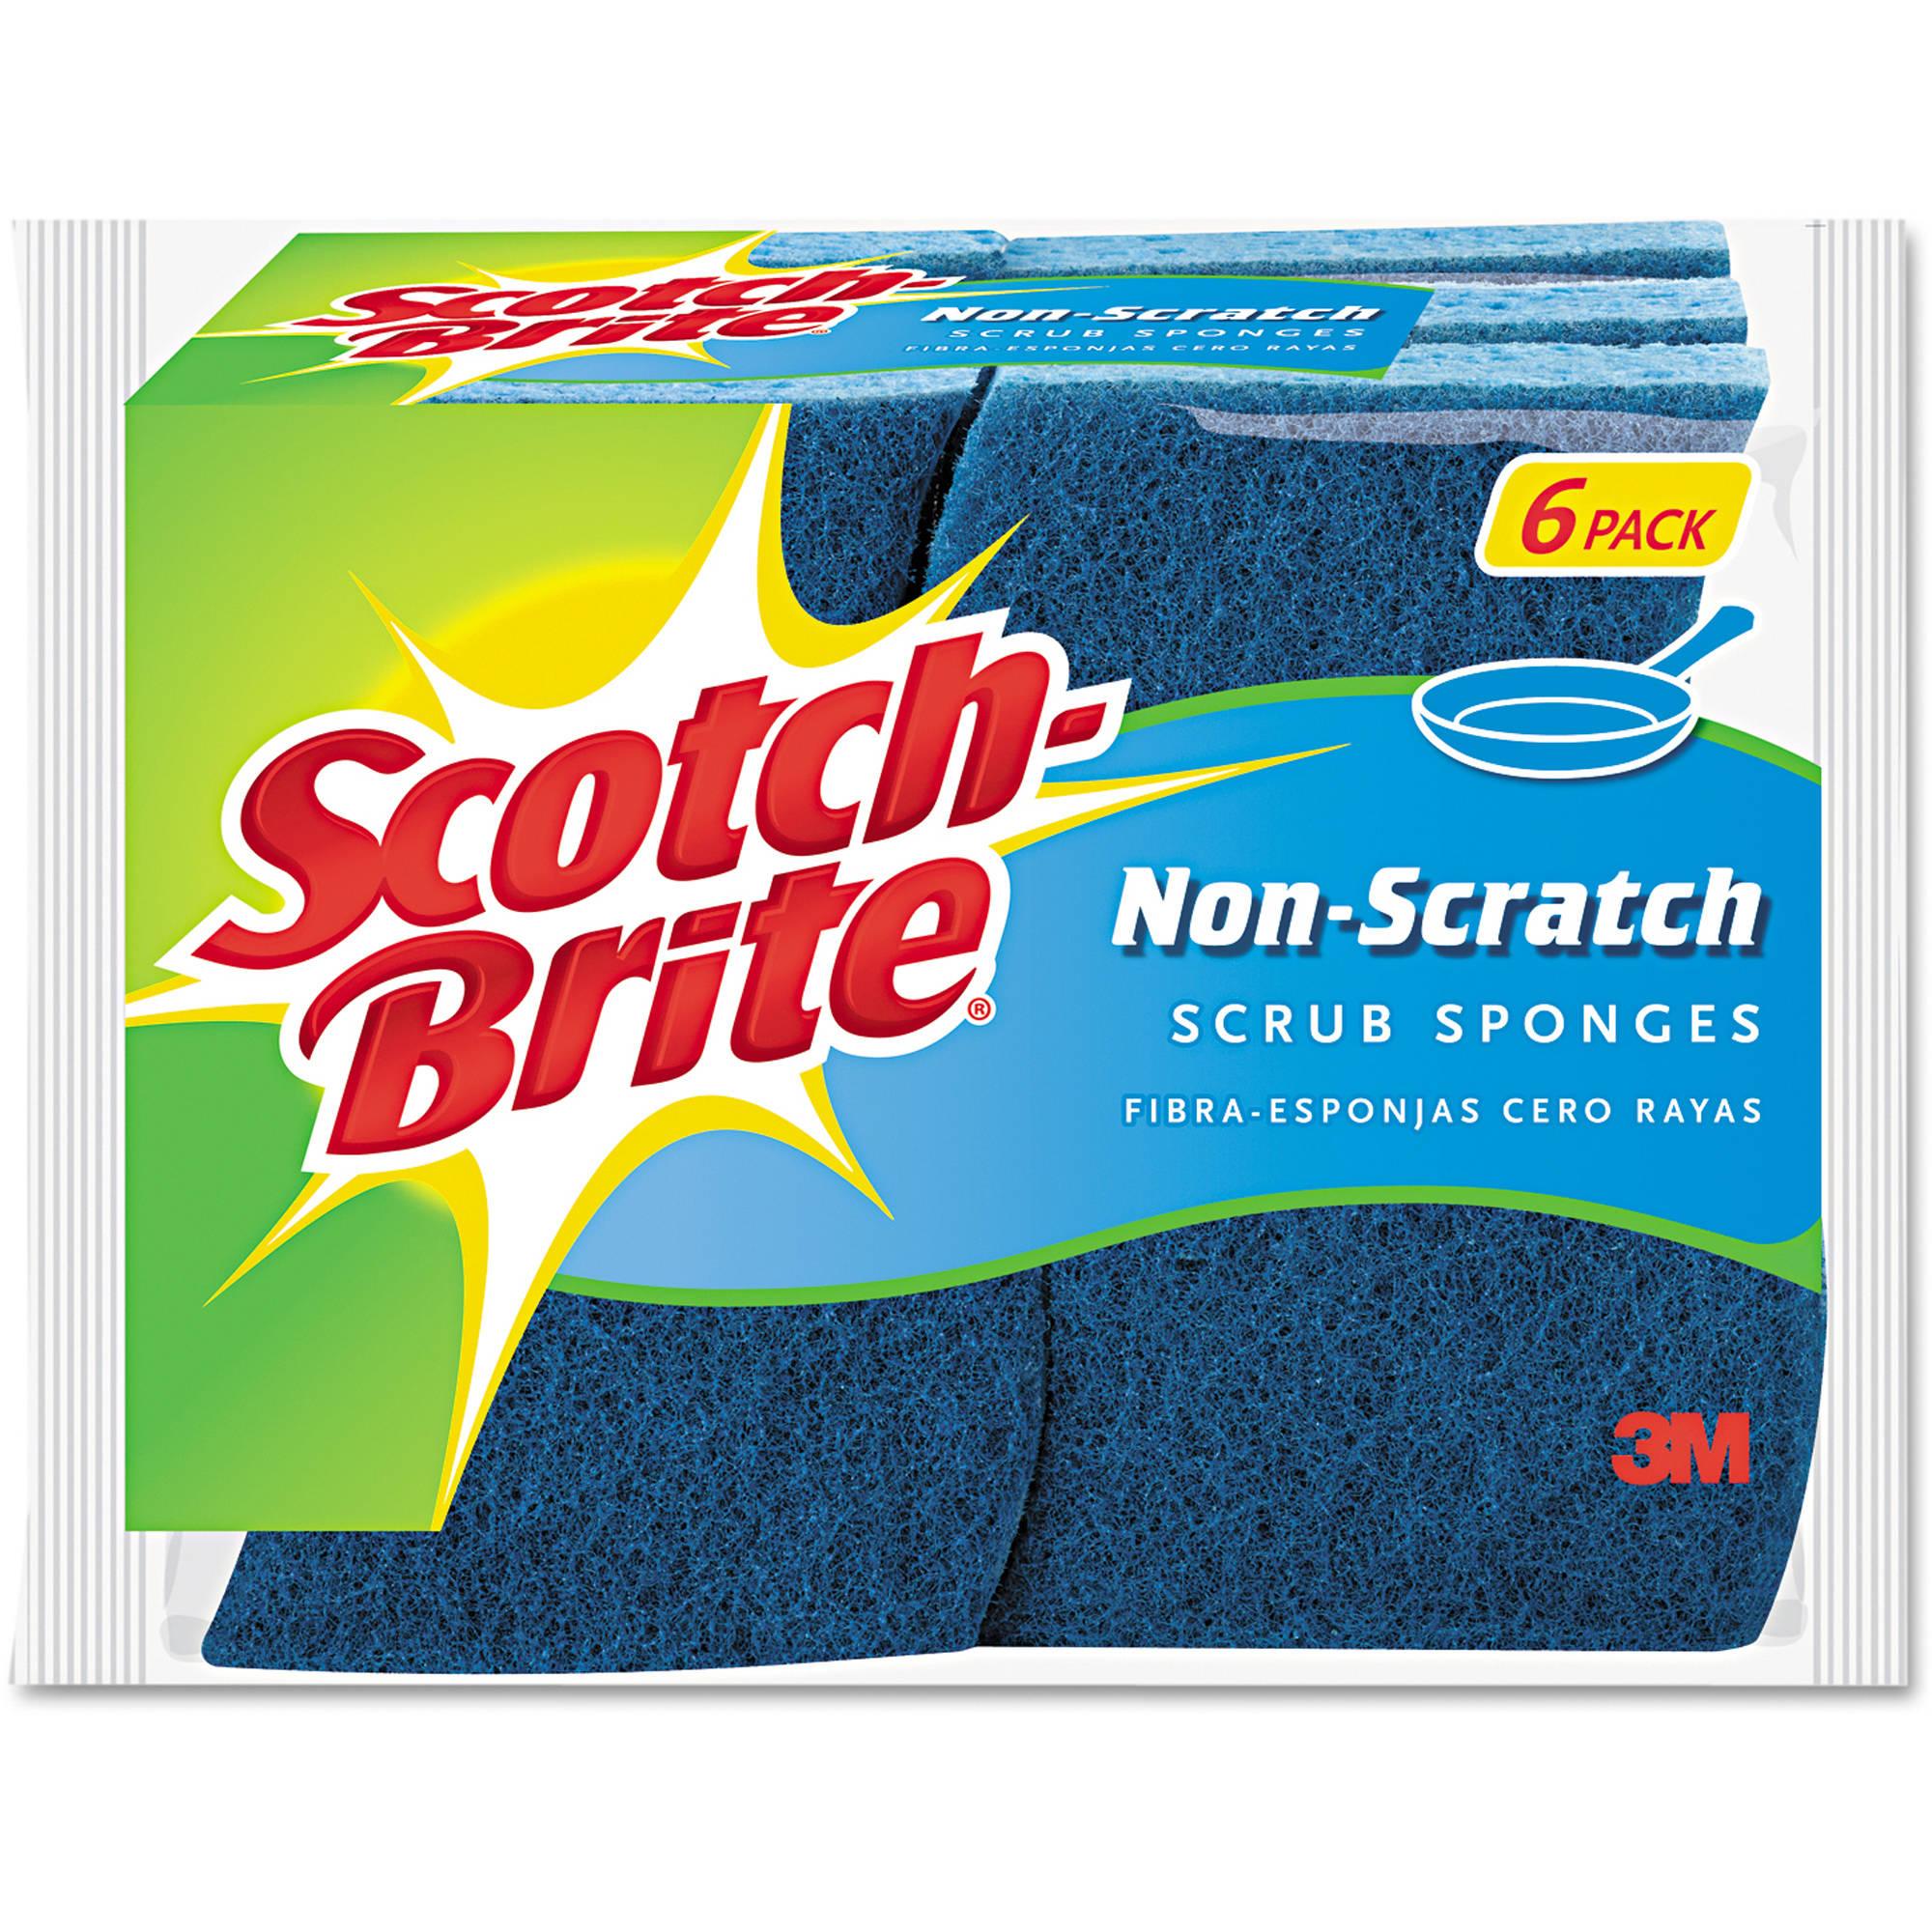 Scotch-Brite No Scratch Multi-Purpose Blue Scrub Sponge, 6pk